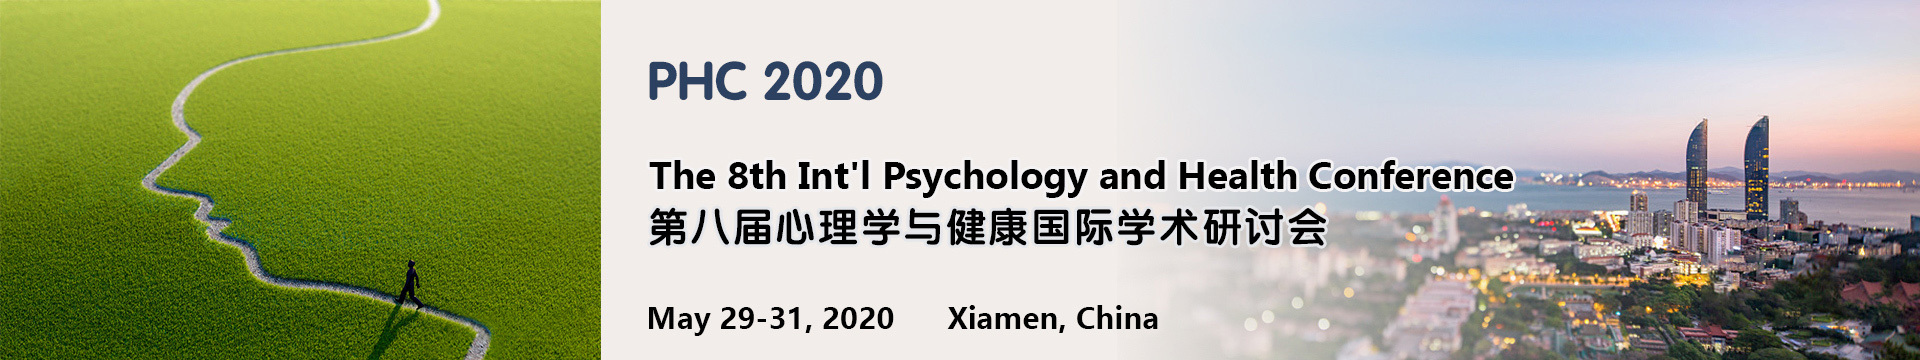 2020年第八届心理学与健康国际学术研讨会(PHC 2020)